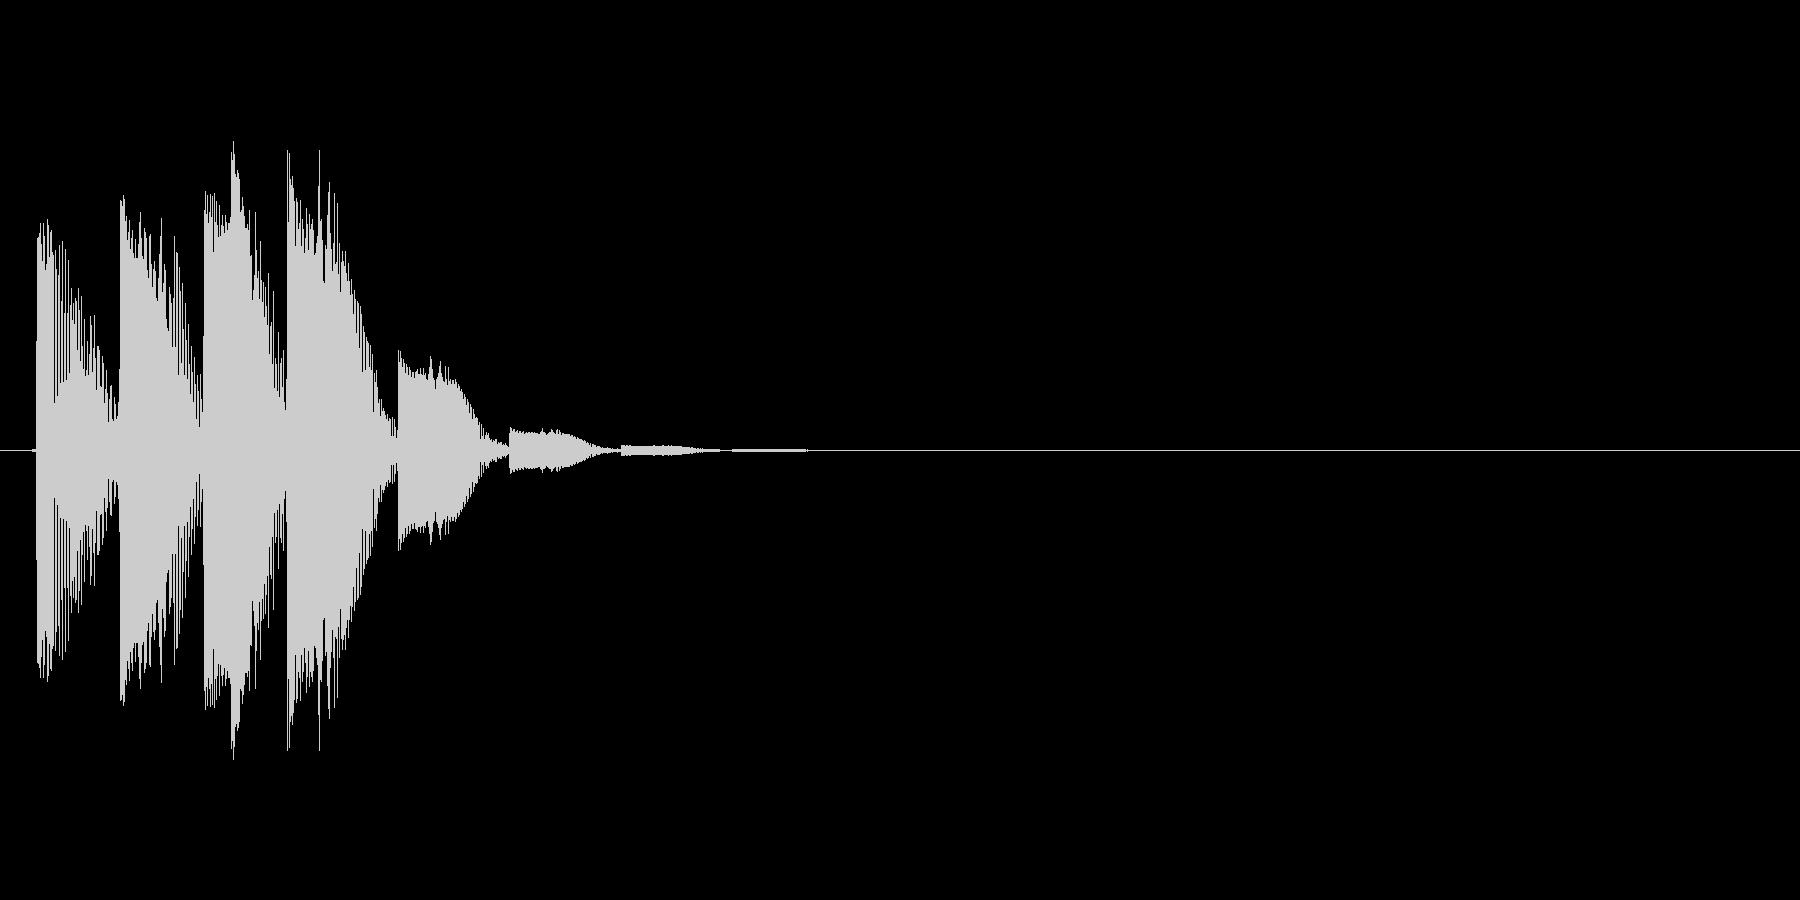 チャララッ↑(ポップな雰囲気、決定音)の未再生の波形